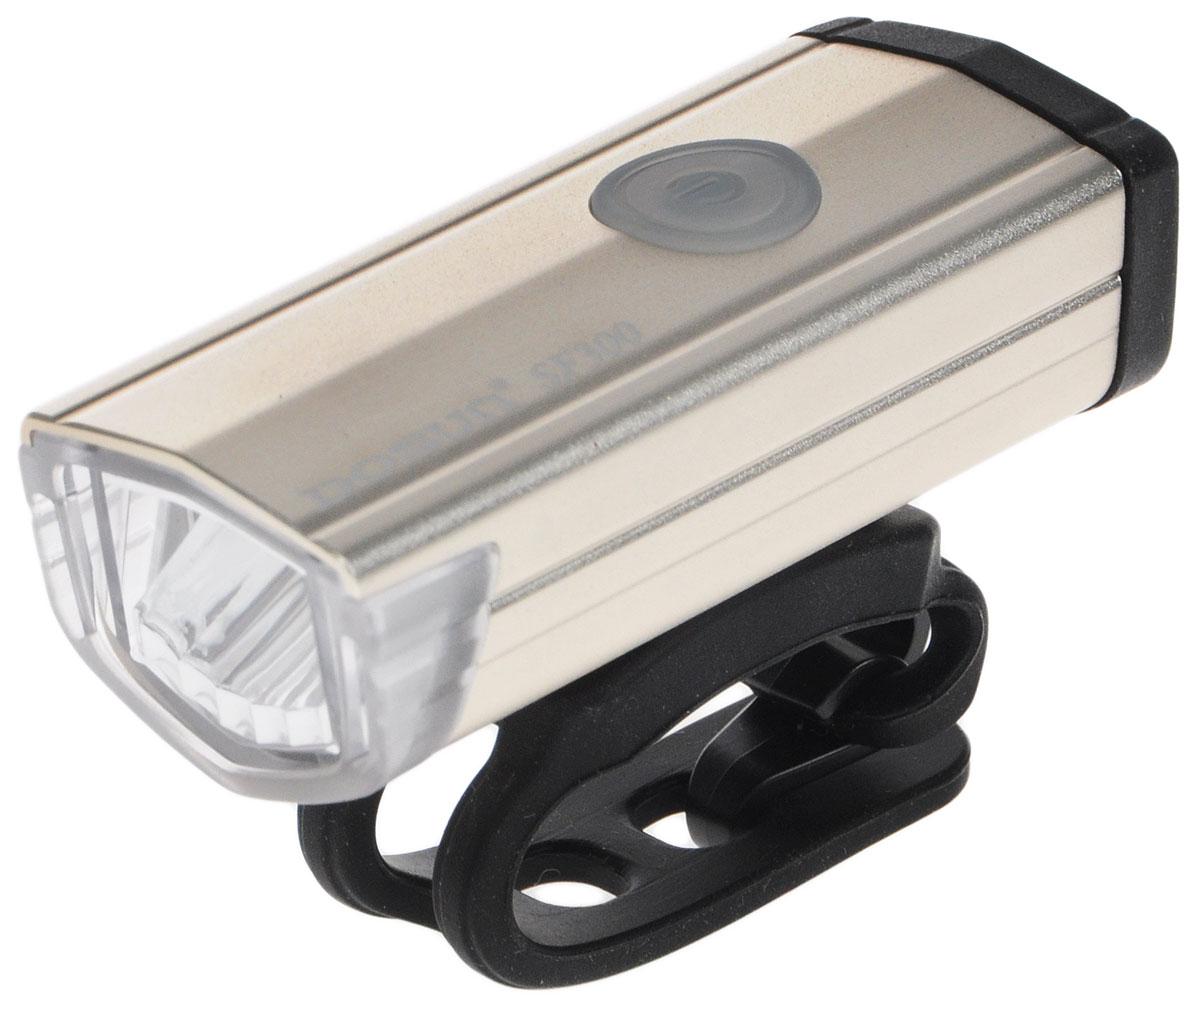 Фара велосипедная Dosun SF300, цвет: серебристый, черныйSF300-TitaniumНадежная и удобная в эксплуатации фара Dosun SF300 предназначена для обеспечения большей безопасности при поездках в темное время суток. Заряжается от компьютера при помощи USB кабеля (входит в комплект). Оснащена ярким светодиодом мощностью 300 Лм. Устанавливается на основание диаметром 20-40 мм. Имеет прочный алюминиевый водонепроницаемый корпус, устойчивый к царапинам. Удобная конструкция фары позволяет быстро устанавливать ее на руль или снимать. Фара работает в 5 режимах: 3 вида яркости, мигание, быстрое мигание. Время свечения в разных яркостях: 1 ч, 3 ч, 6 ч. Время мигания: 12 ч. Время быстрого мигания: 60 ч. Время зарядки: 2,5 ч. Размер фары (без учета крепления): 6,7 х 2,7 х 2,2 см.